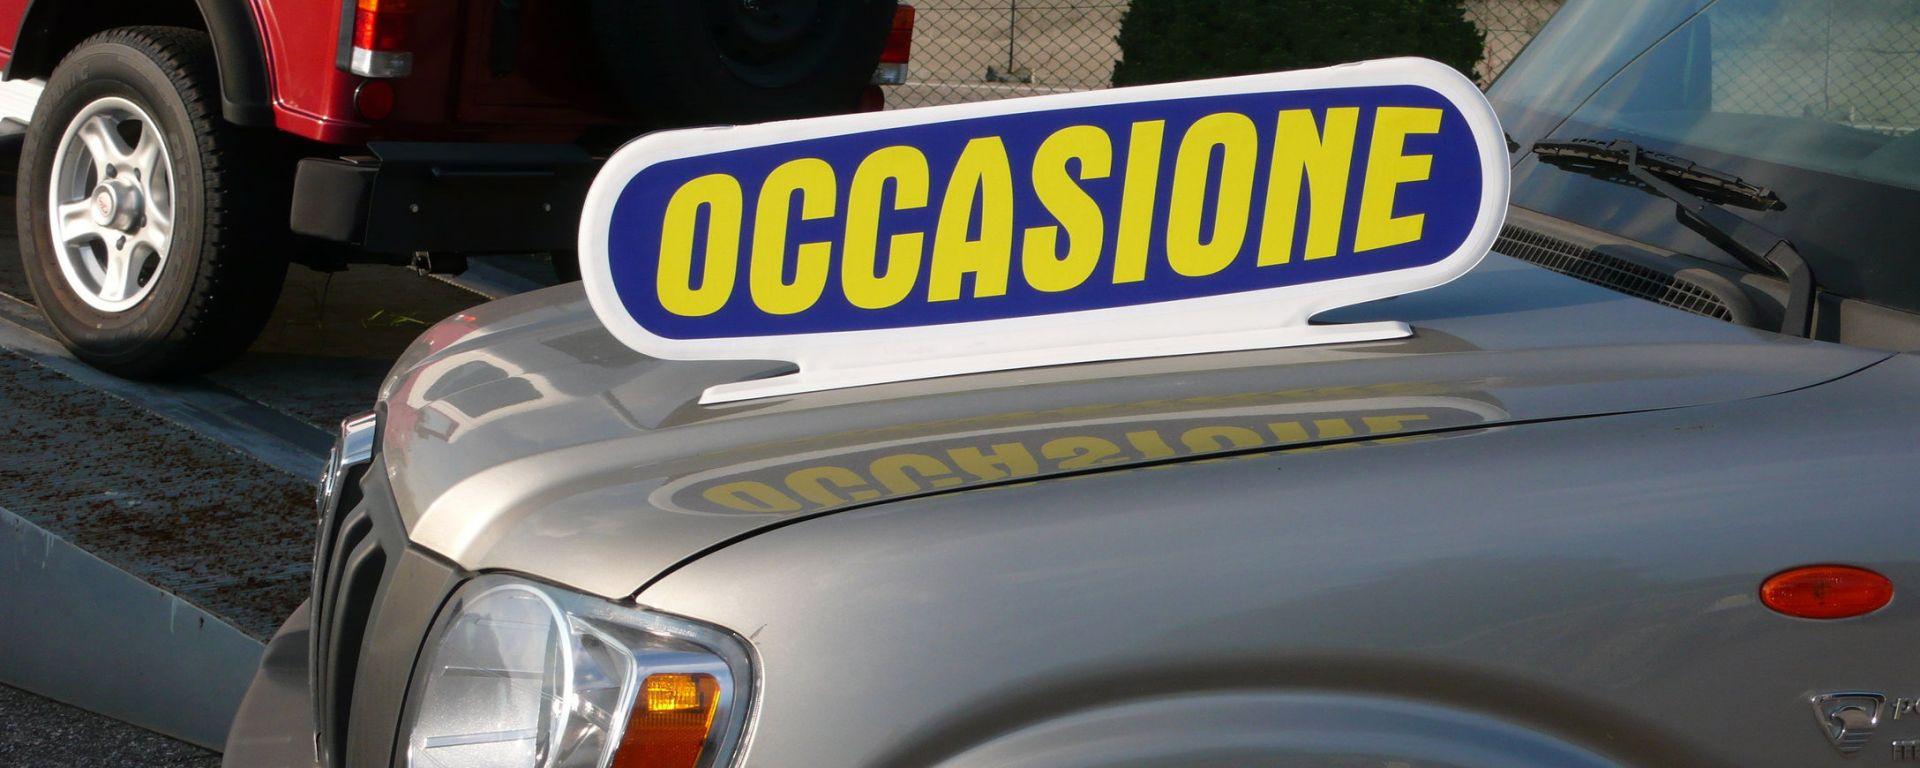 Come scegliere l'auto usata: in video le regole per non sbagliare